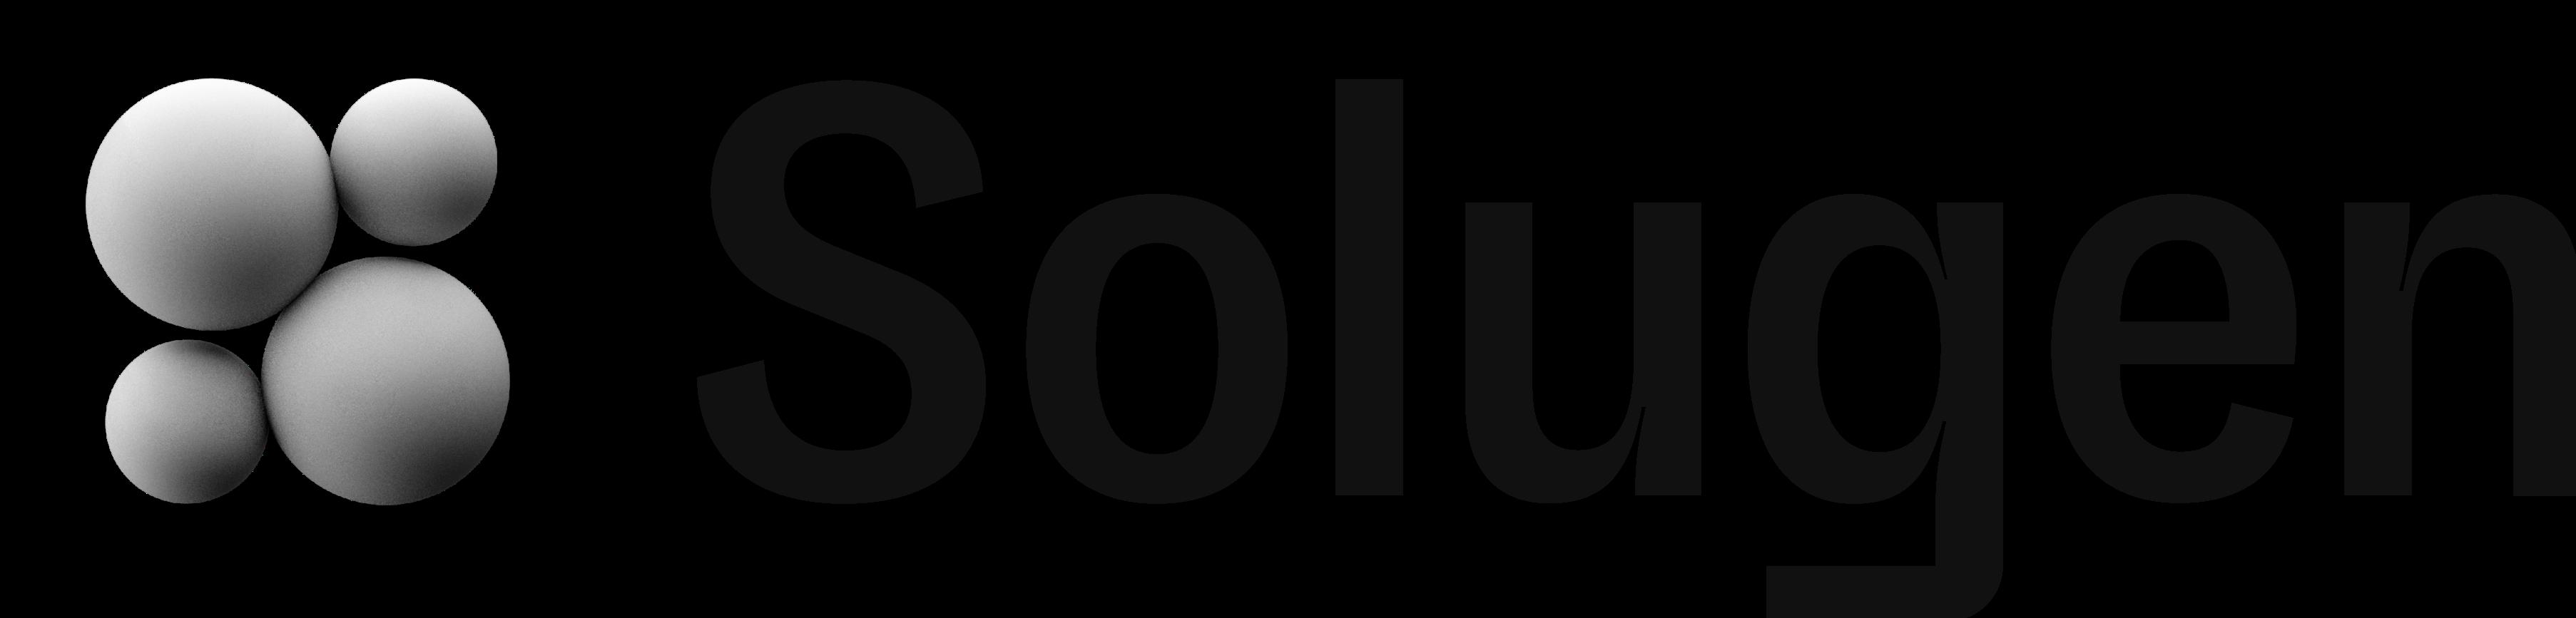 Solugen